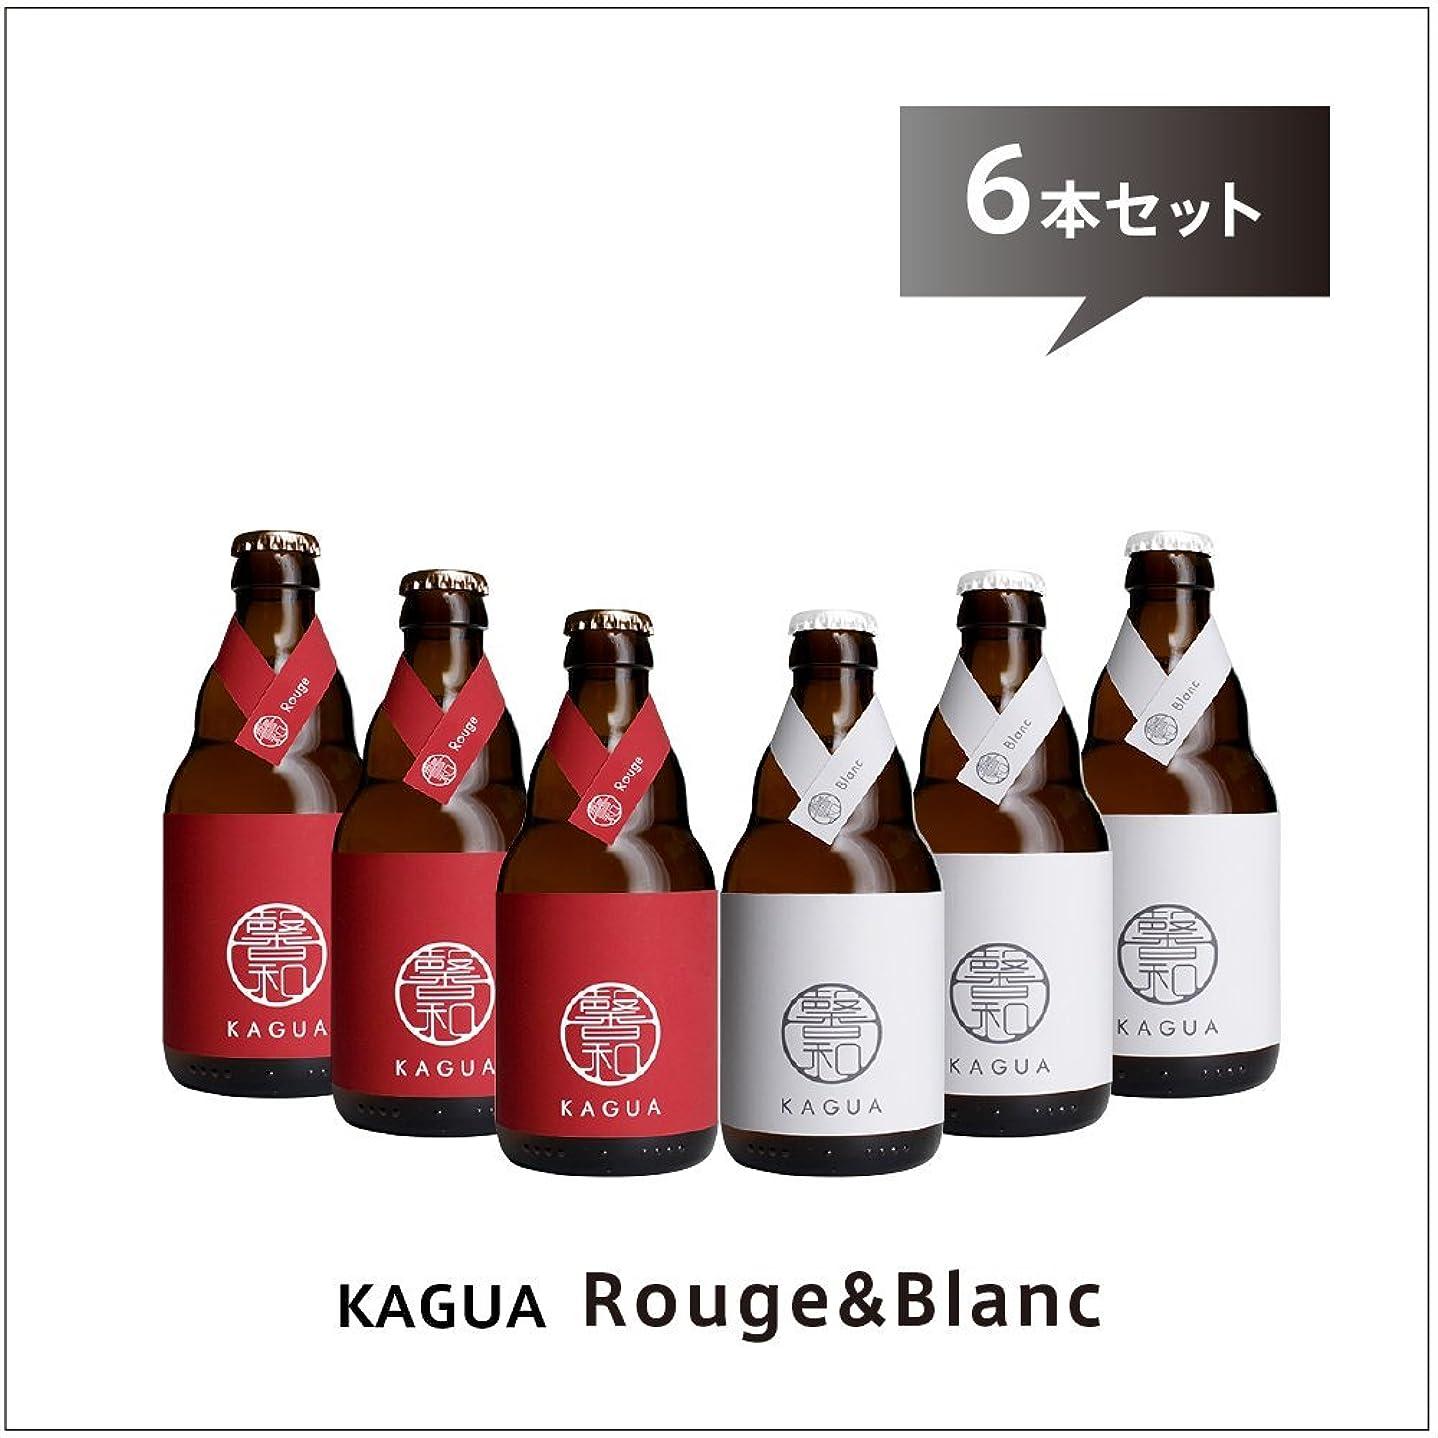 ゴネリル急流ポテトクラフトビール 馨和 KAGUA Blanc&Rouge 6本セット 330ml × 6本